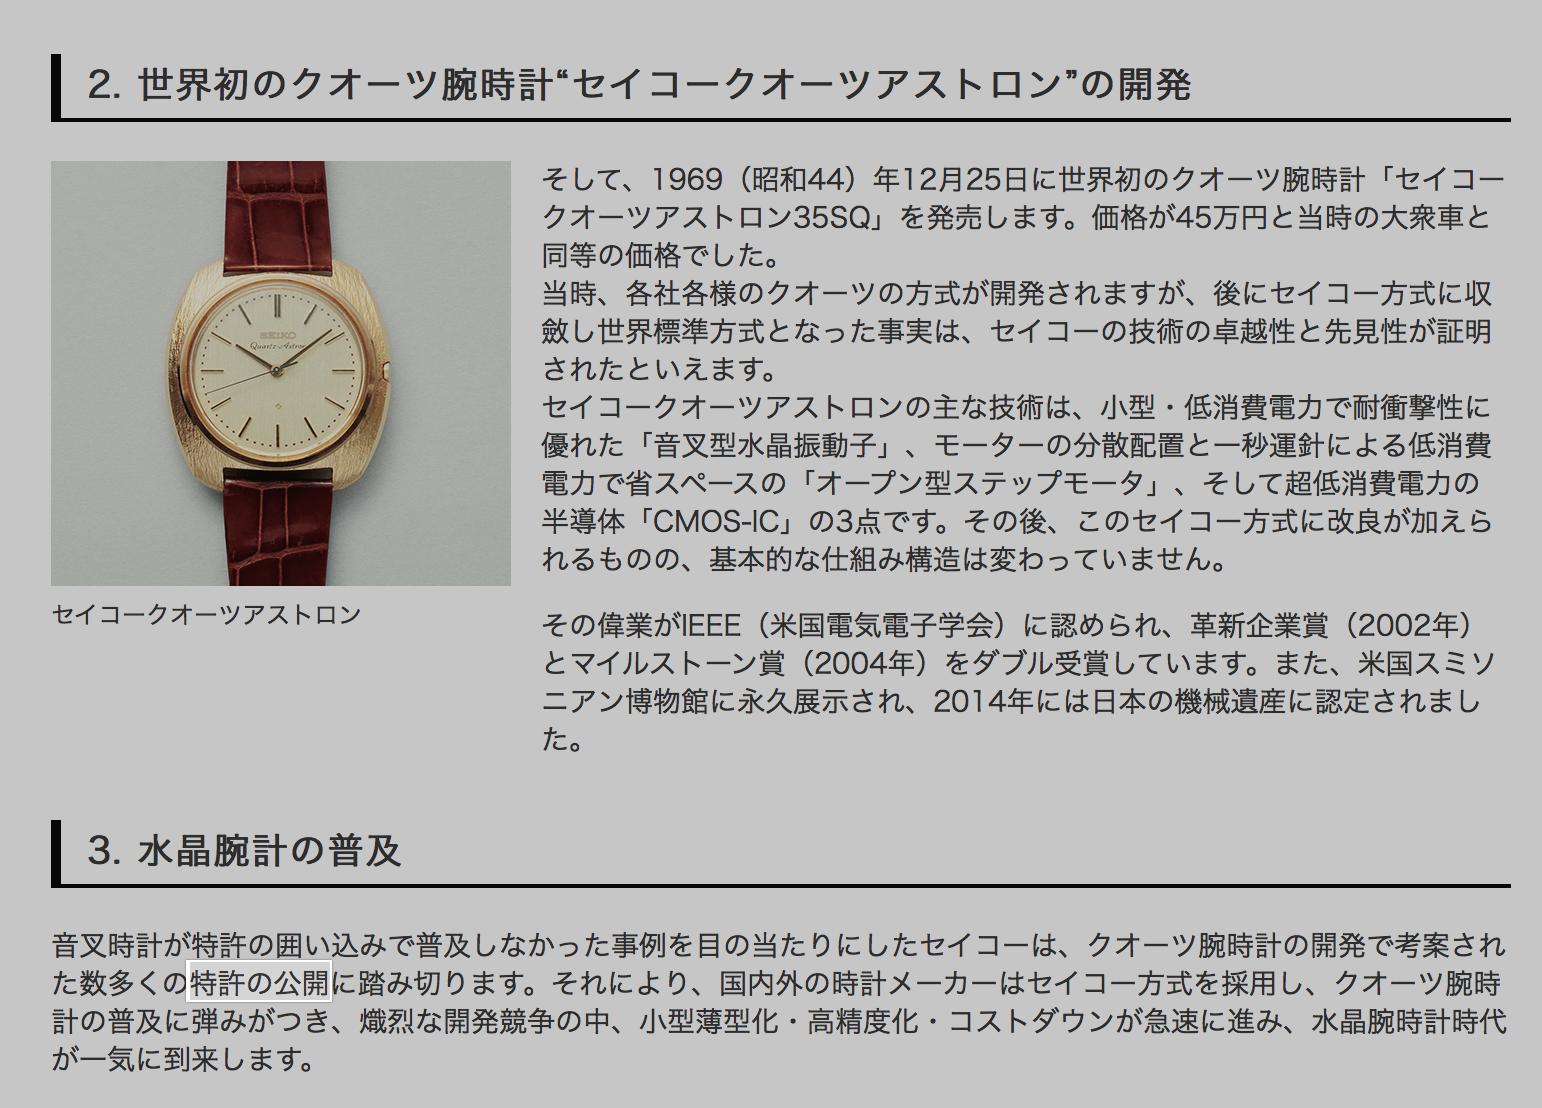 クオーツ時計の特許公開